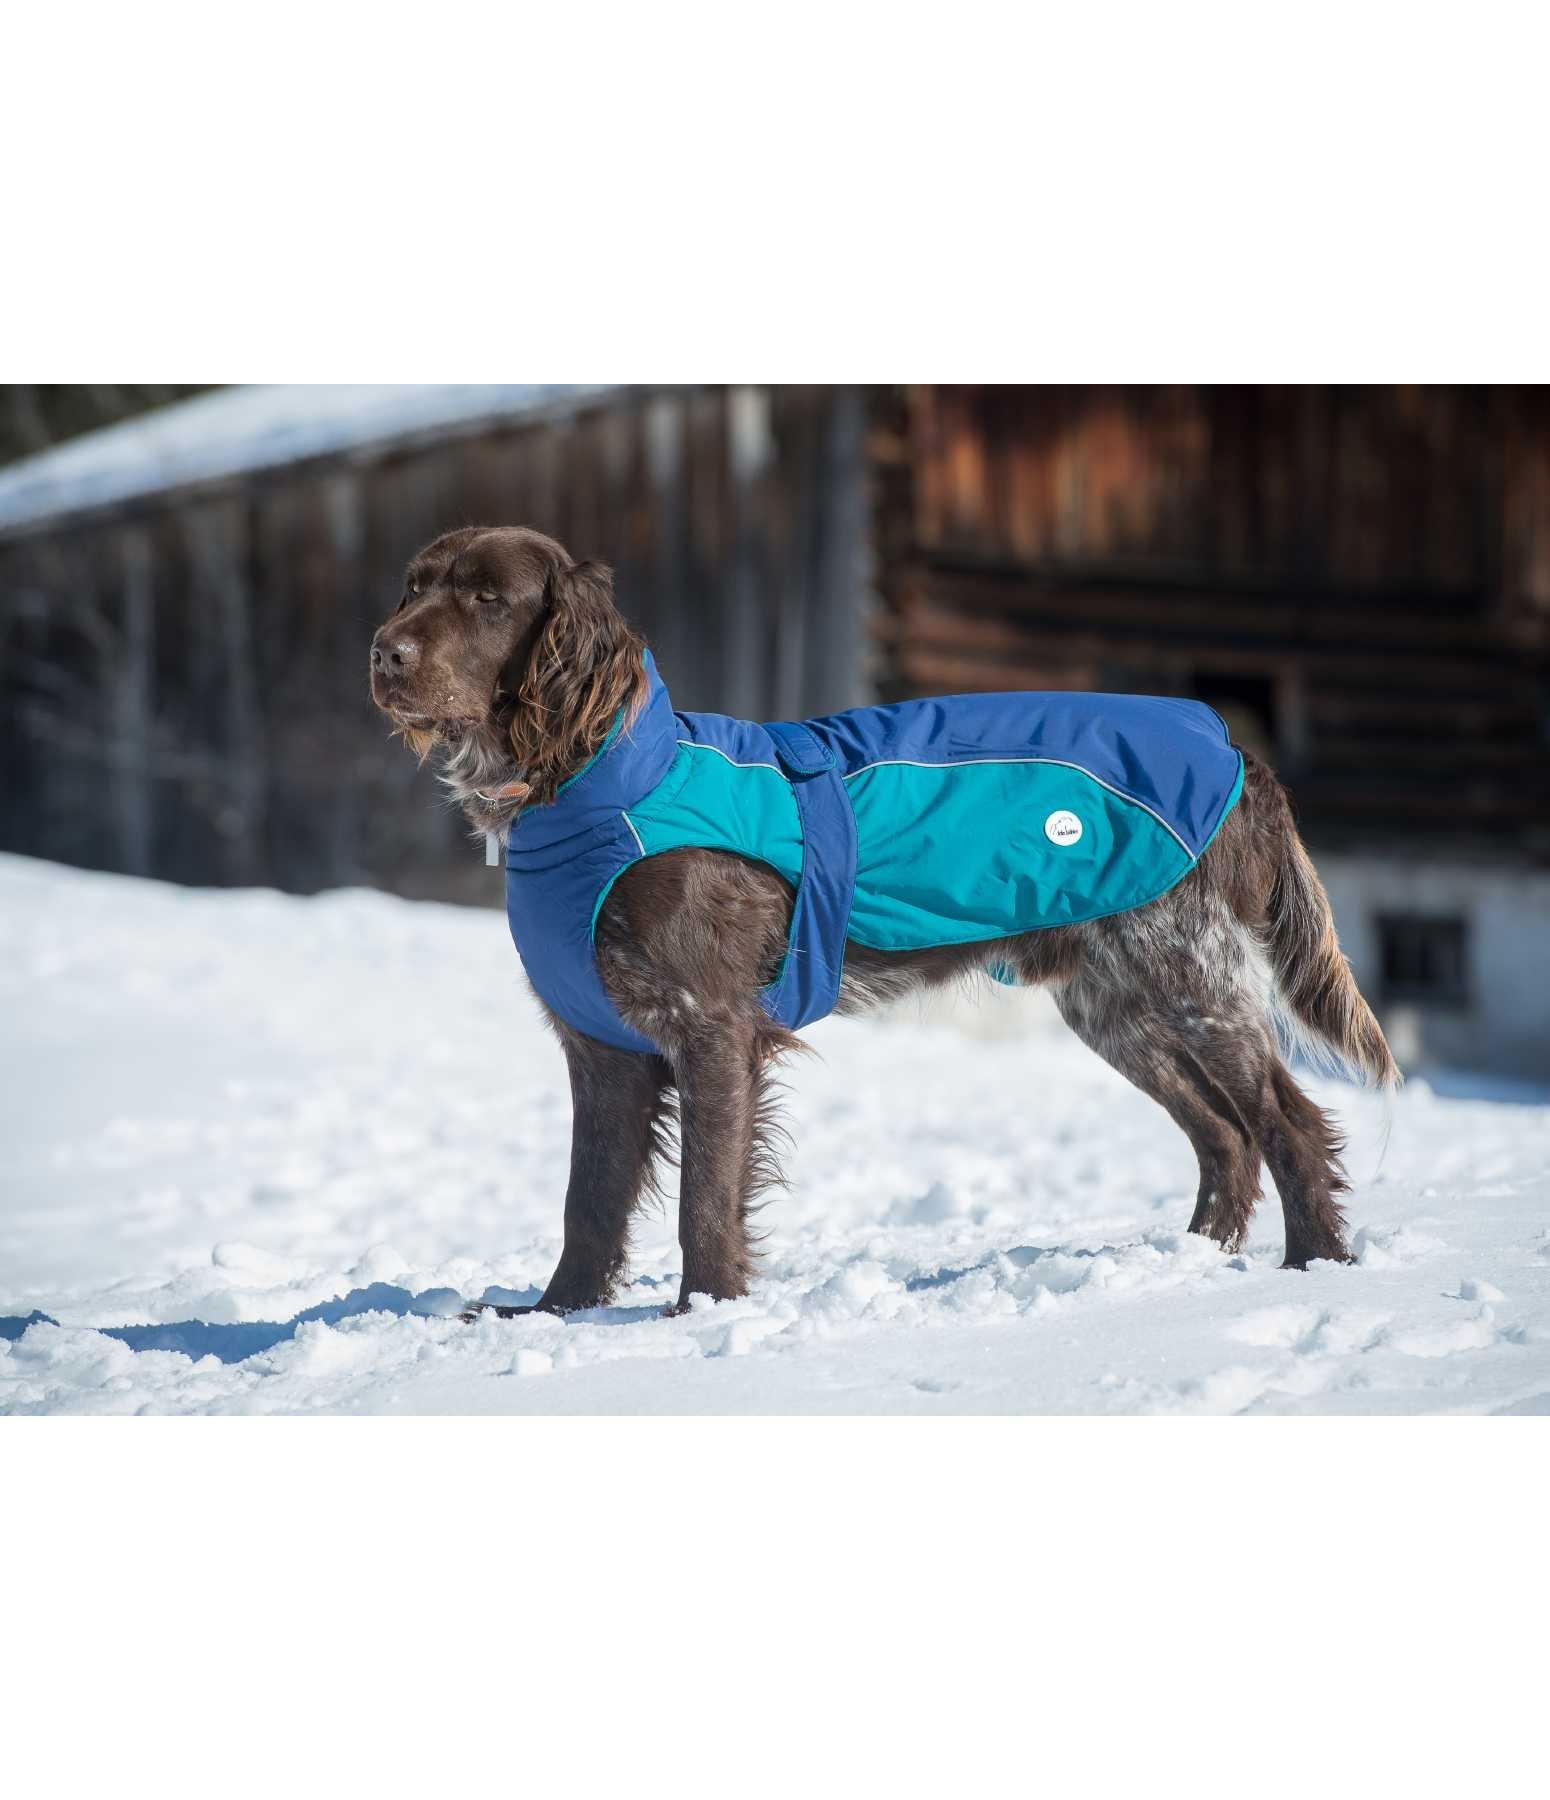 couverture pour chien 150 g avec doublure en polaire vestes et manteaux pour chiens kramer. Black Bedroom Furniture Sets. Home Design Ideas